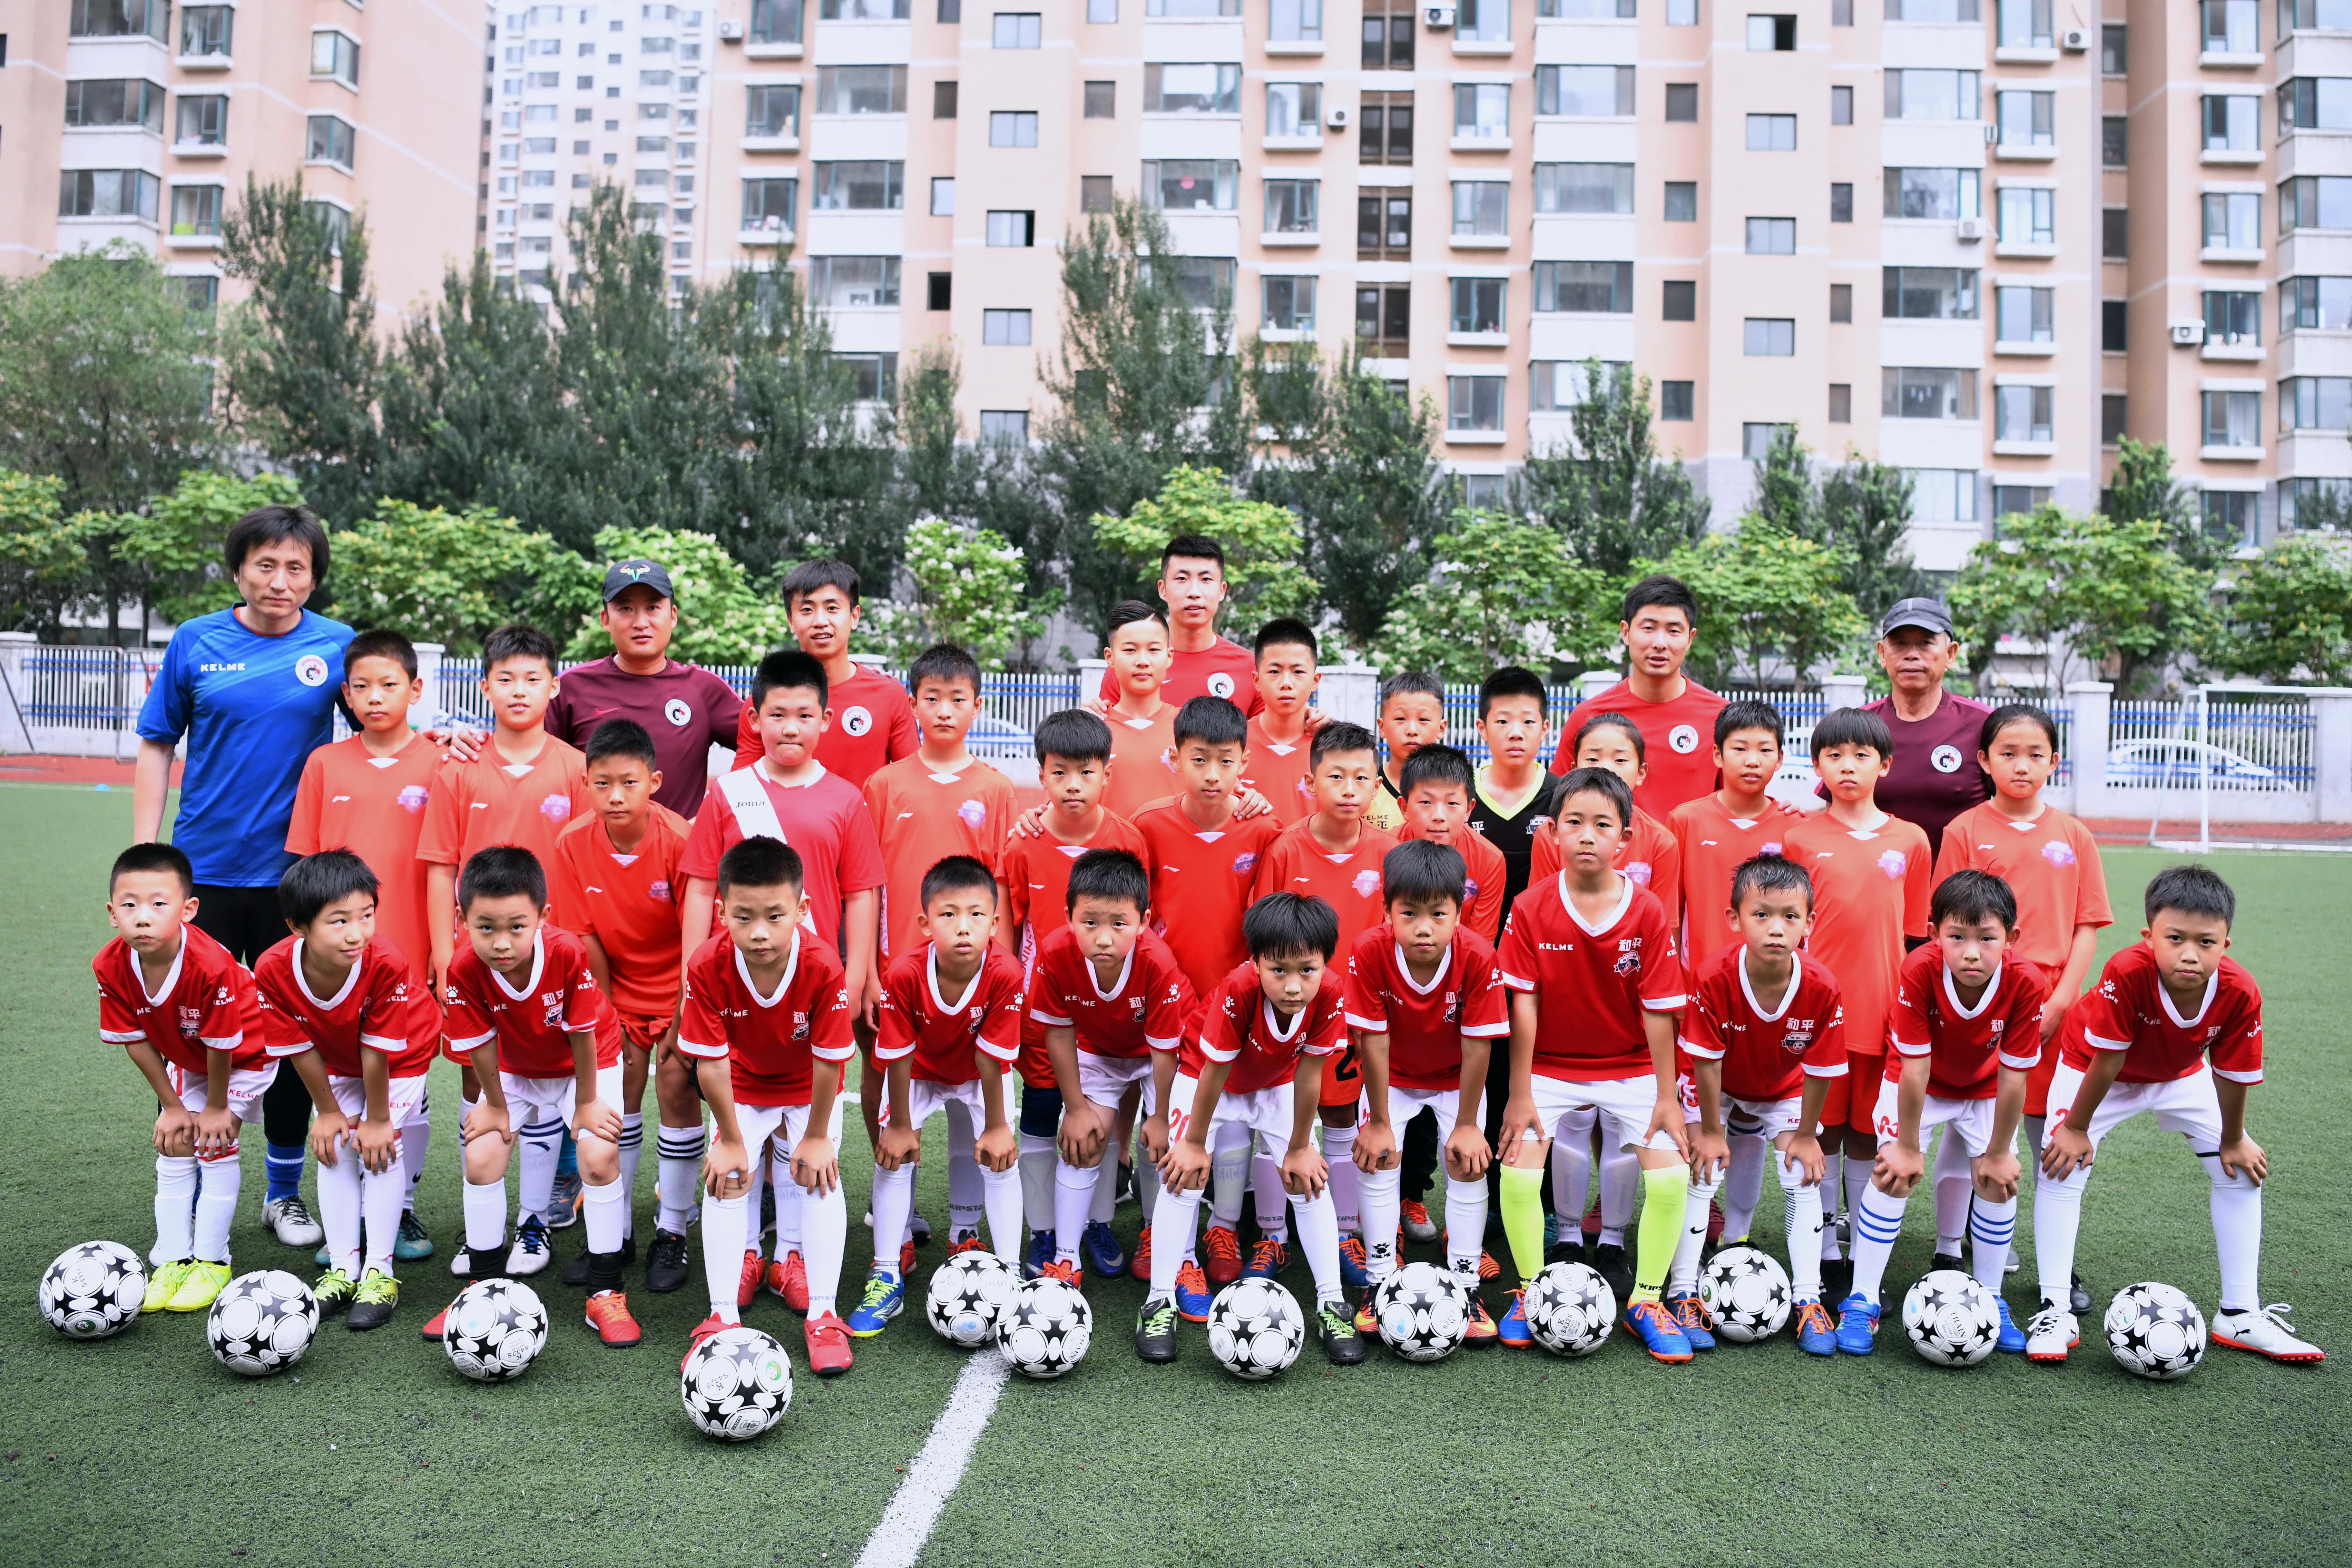 支持校园足球,辽宁宏运足球俱乐部携手和平区